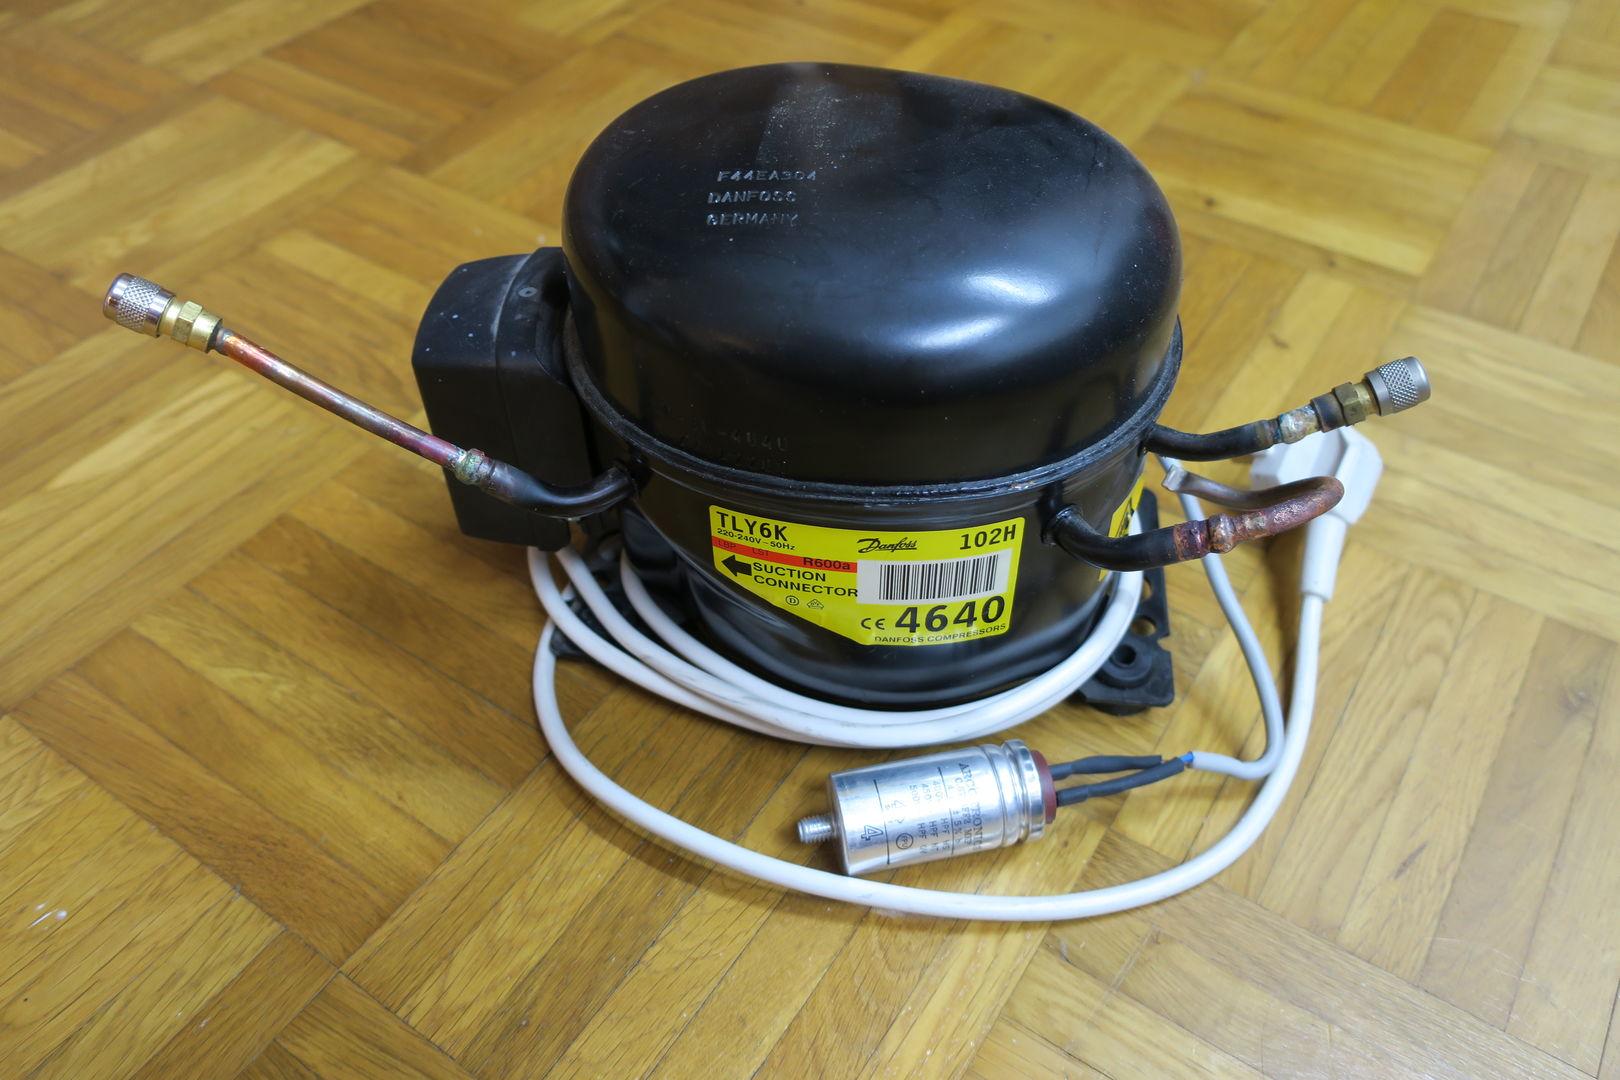 Kühlschrank Kompressor : Datei:kühlschrankkompressor.jpeg u2013 fingers wiki